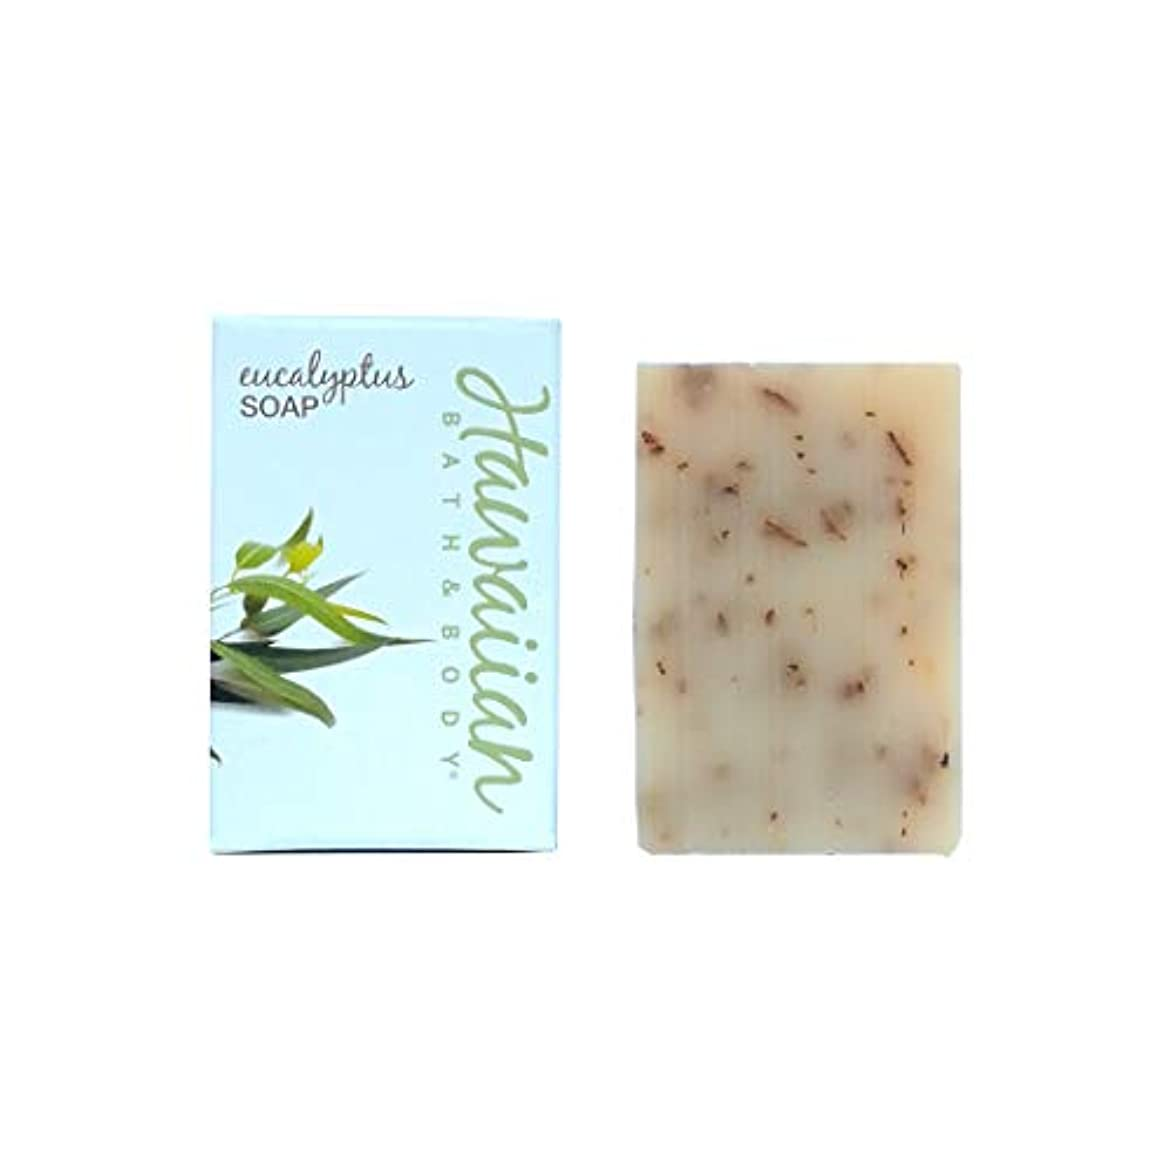 大きい倉庫地区ハワイアンバス&ボディ ユーカリソープ (Eucalyptus Soap)